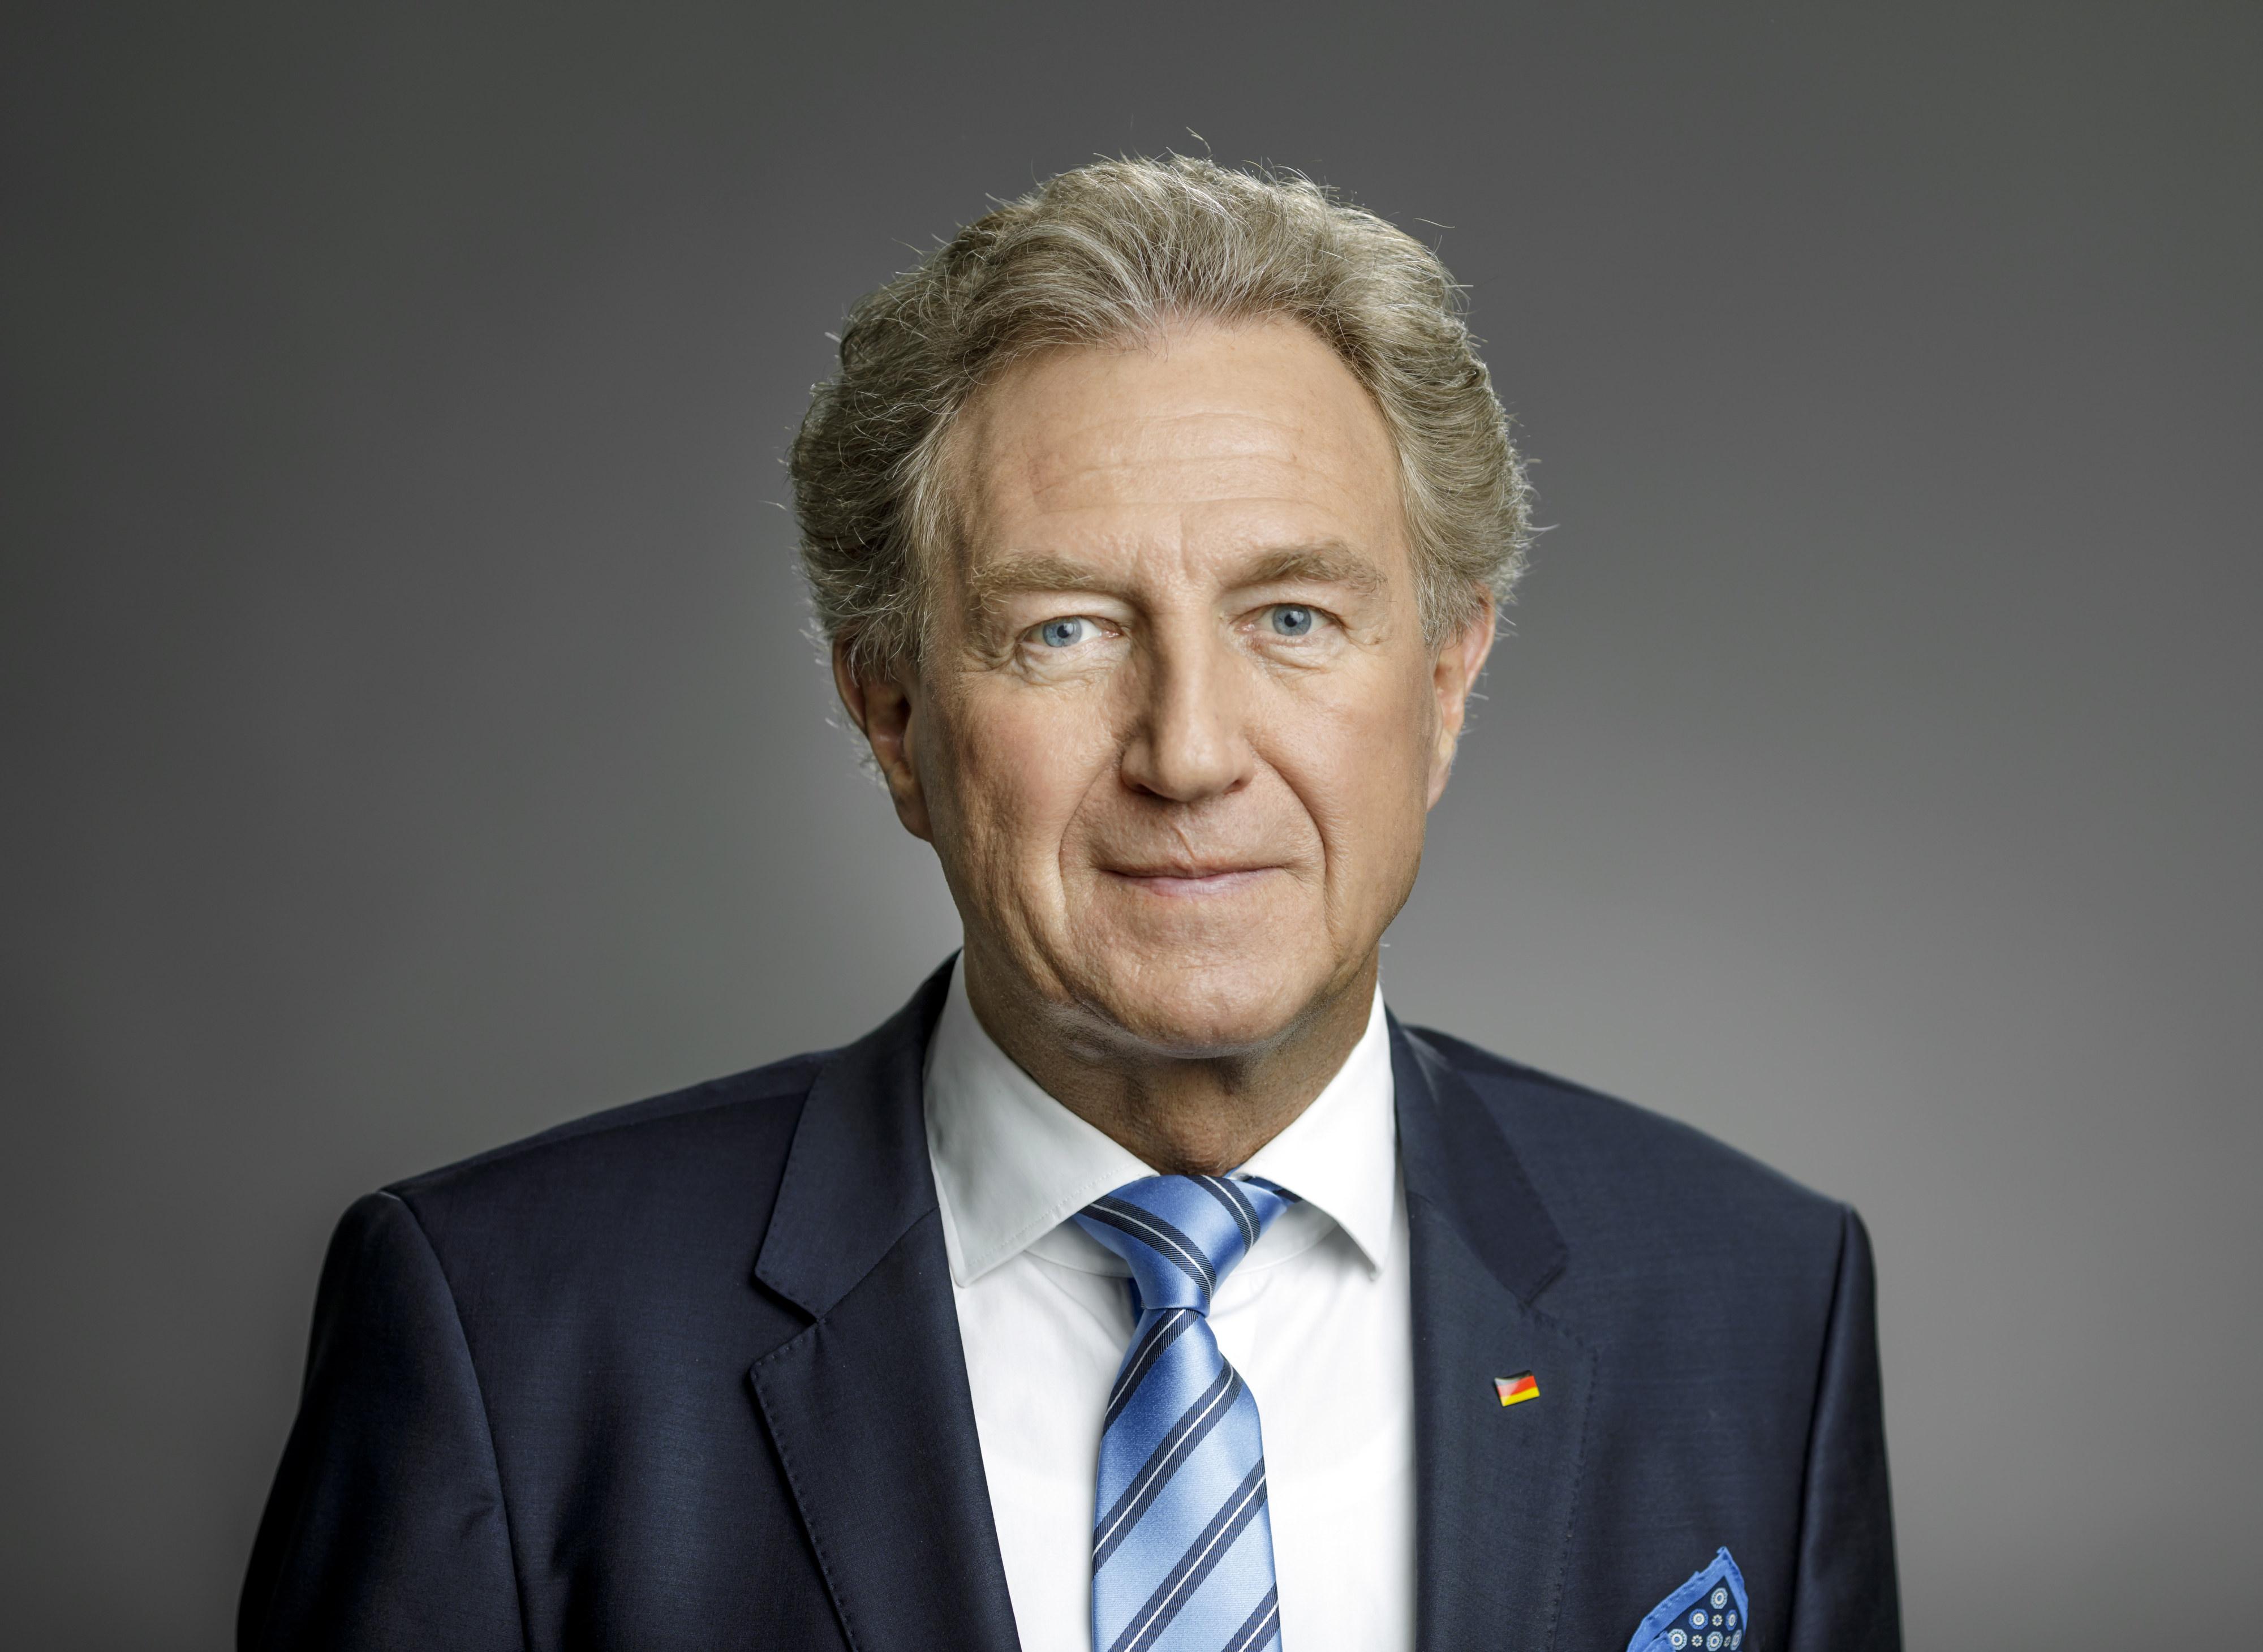 Norbert Barthle, Parlamentarischer Staatssekretär beim Bundesminister für wirtschaftliche Zusammenarbeit und Entwicklung